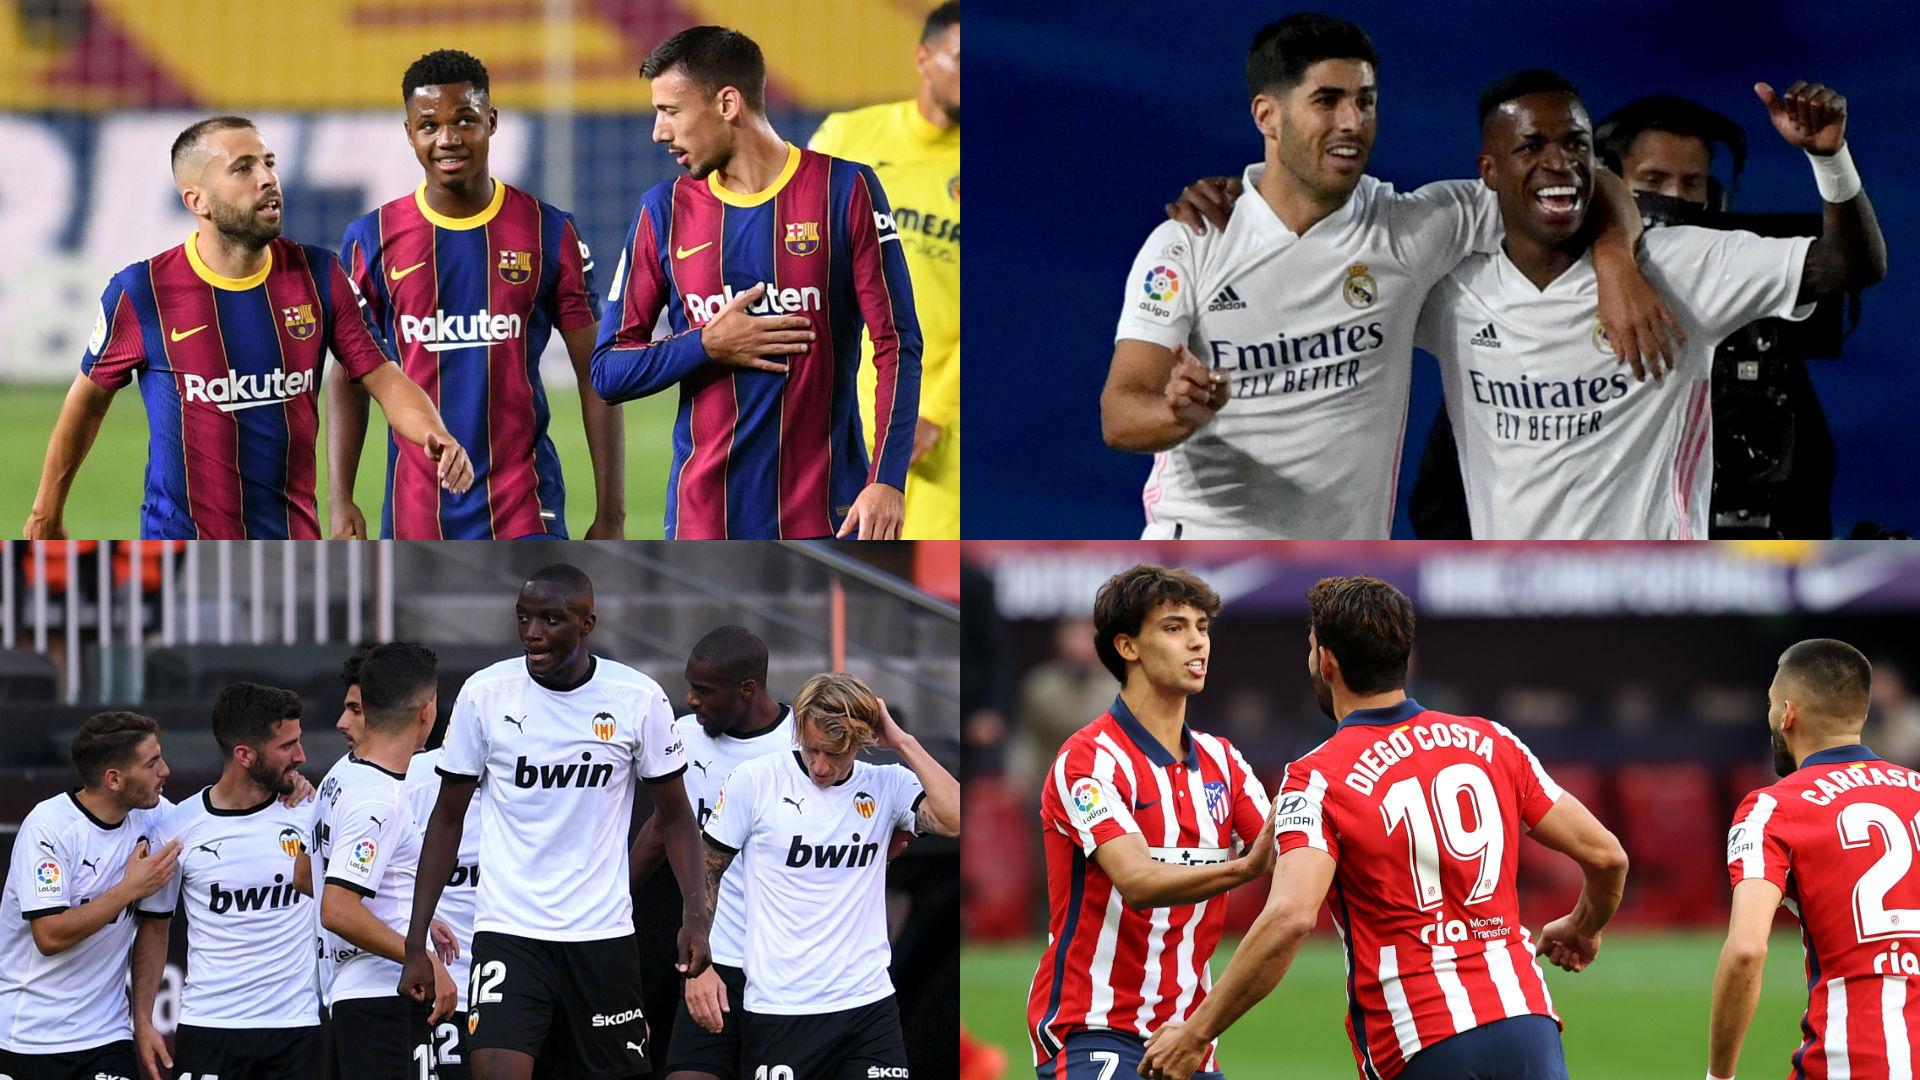 Jadwal Liga Spanyol Pekan Ini Live Hasil Klasemen Berita Topskor La Liga 2020 21 Goal Com